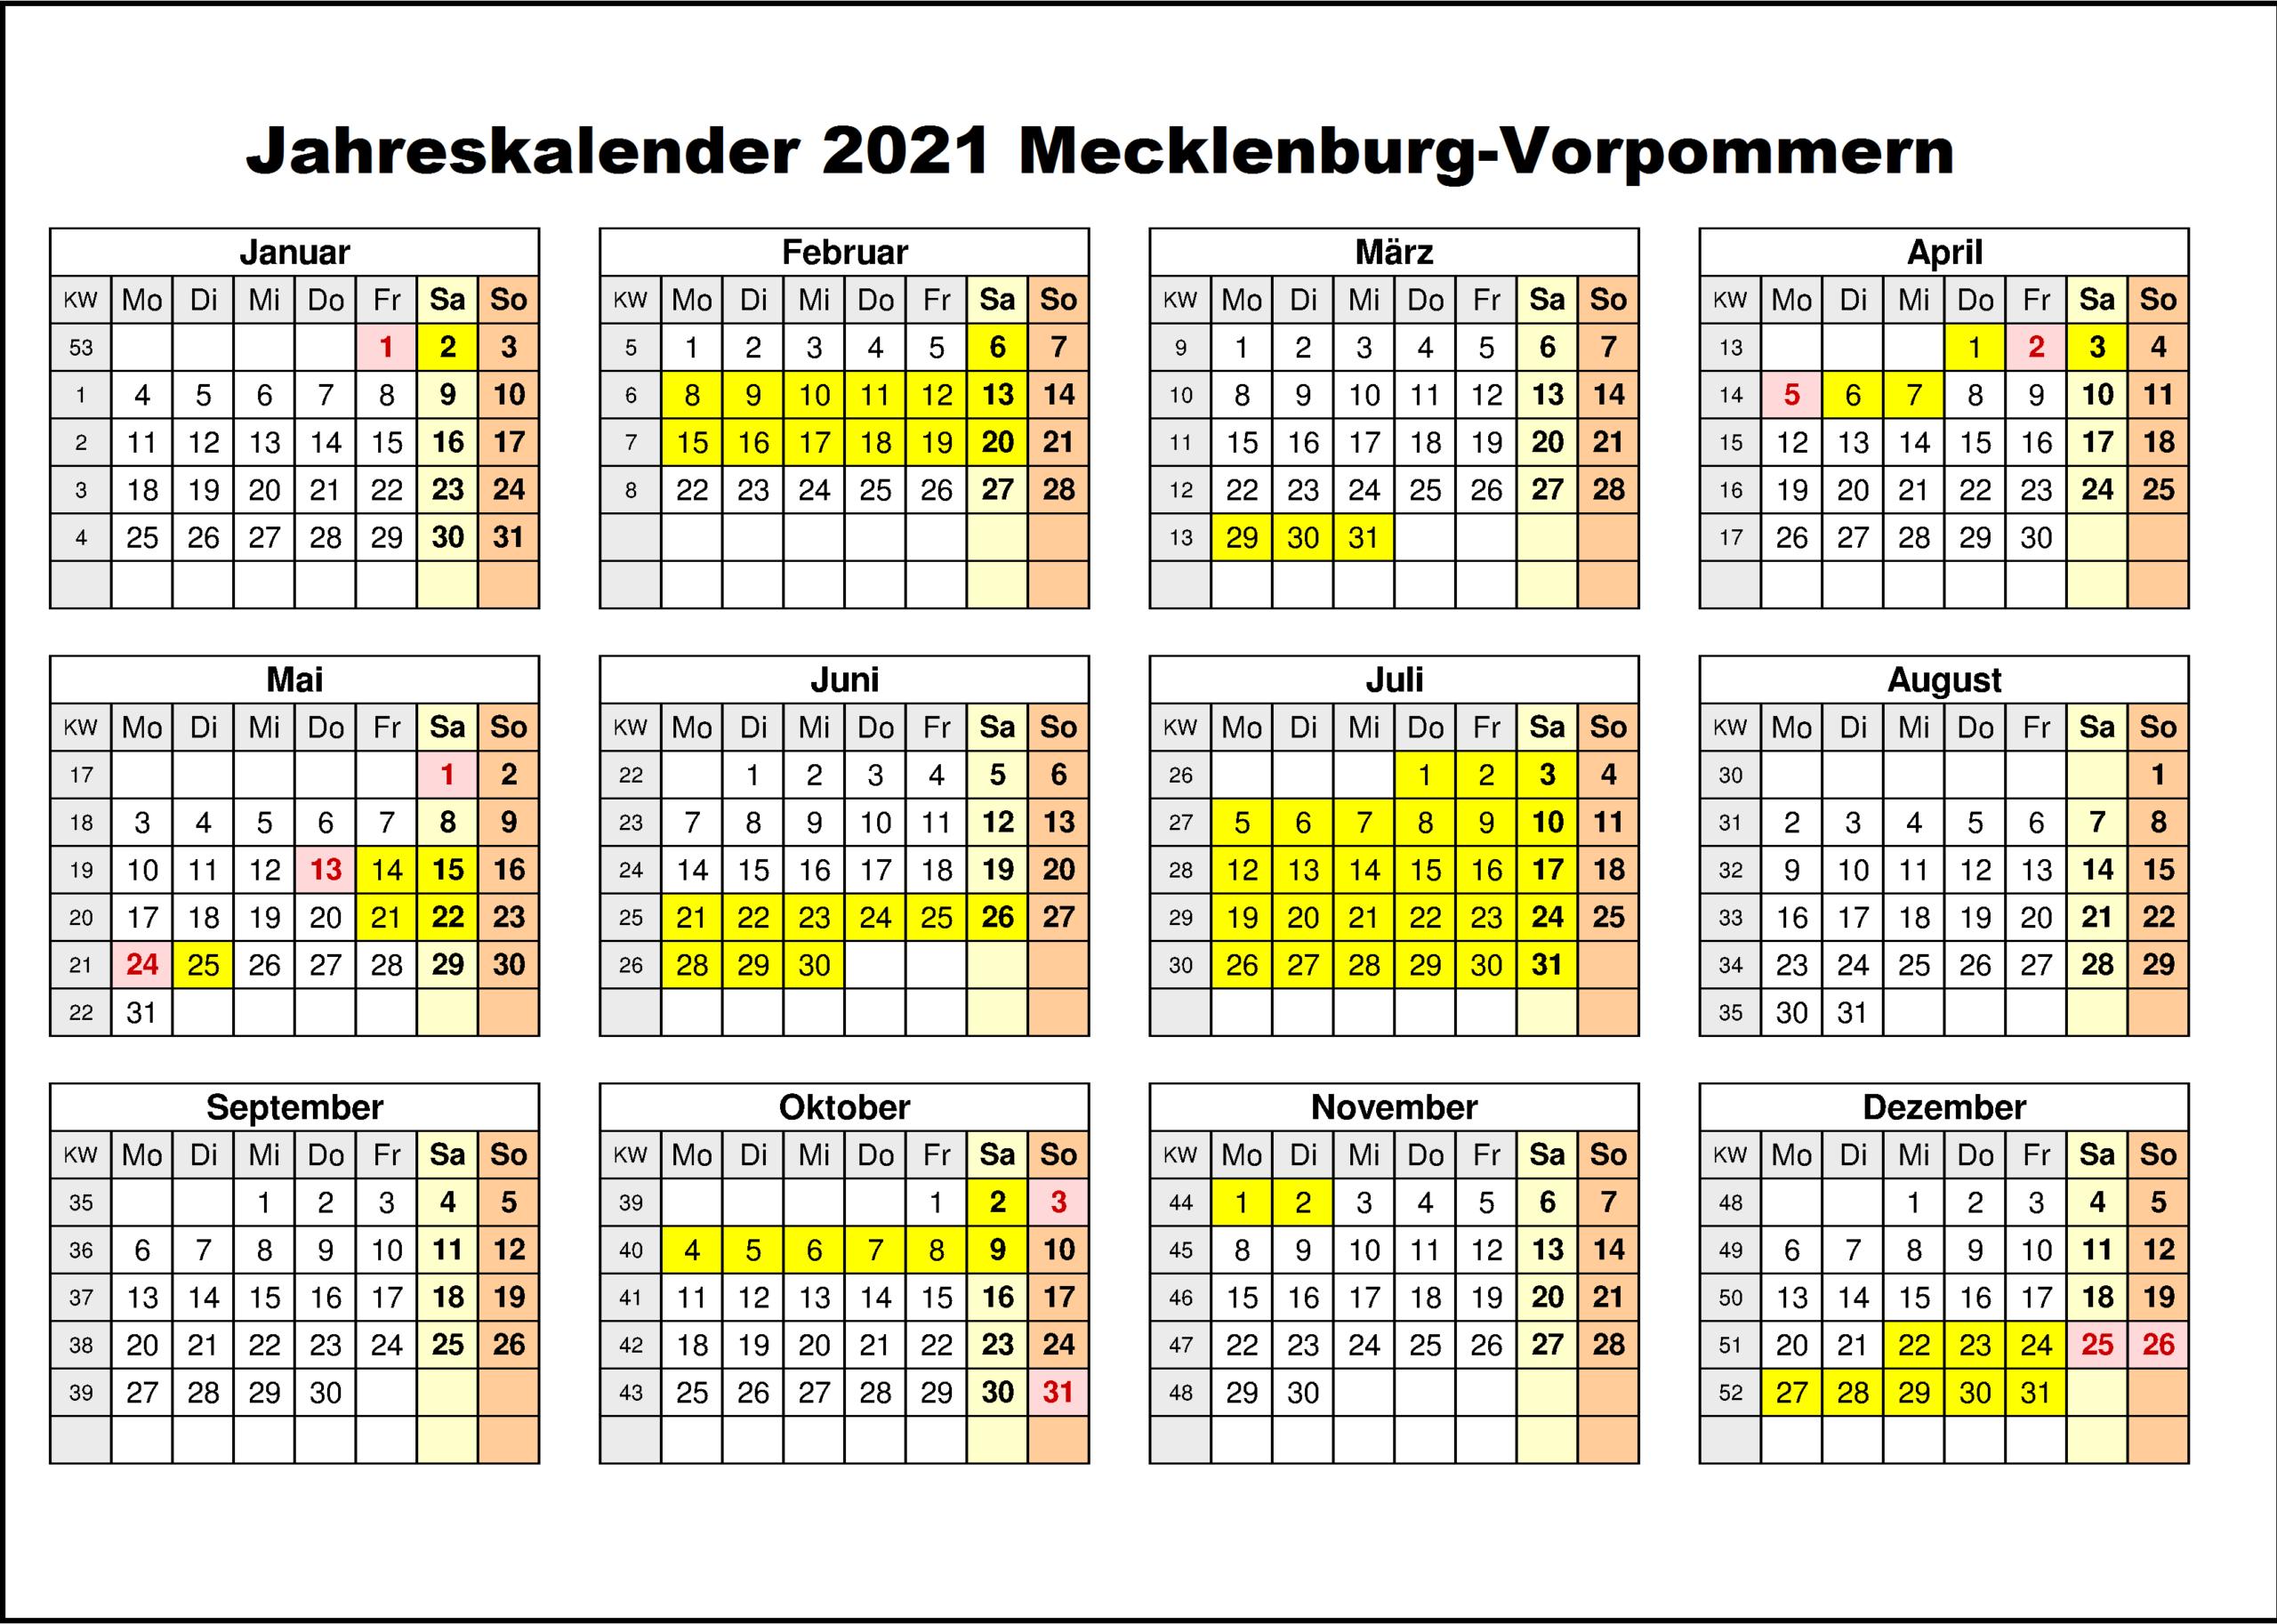 Kostenlos Jahreskalender 2021 Mecklenburg-Vorpommern Zum-Kalender 2021 Planer Zum Ausdrucken